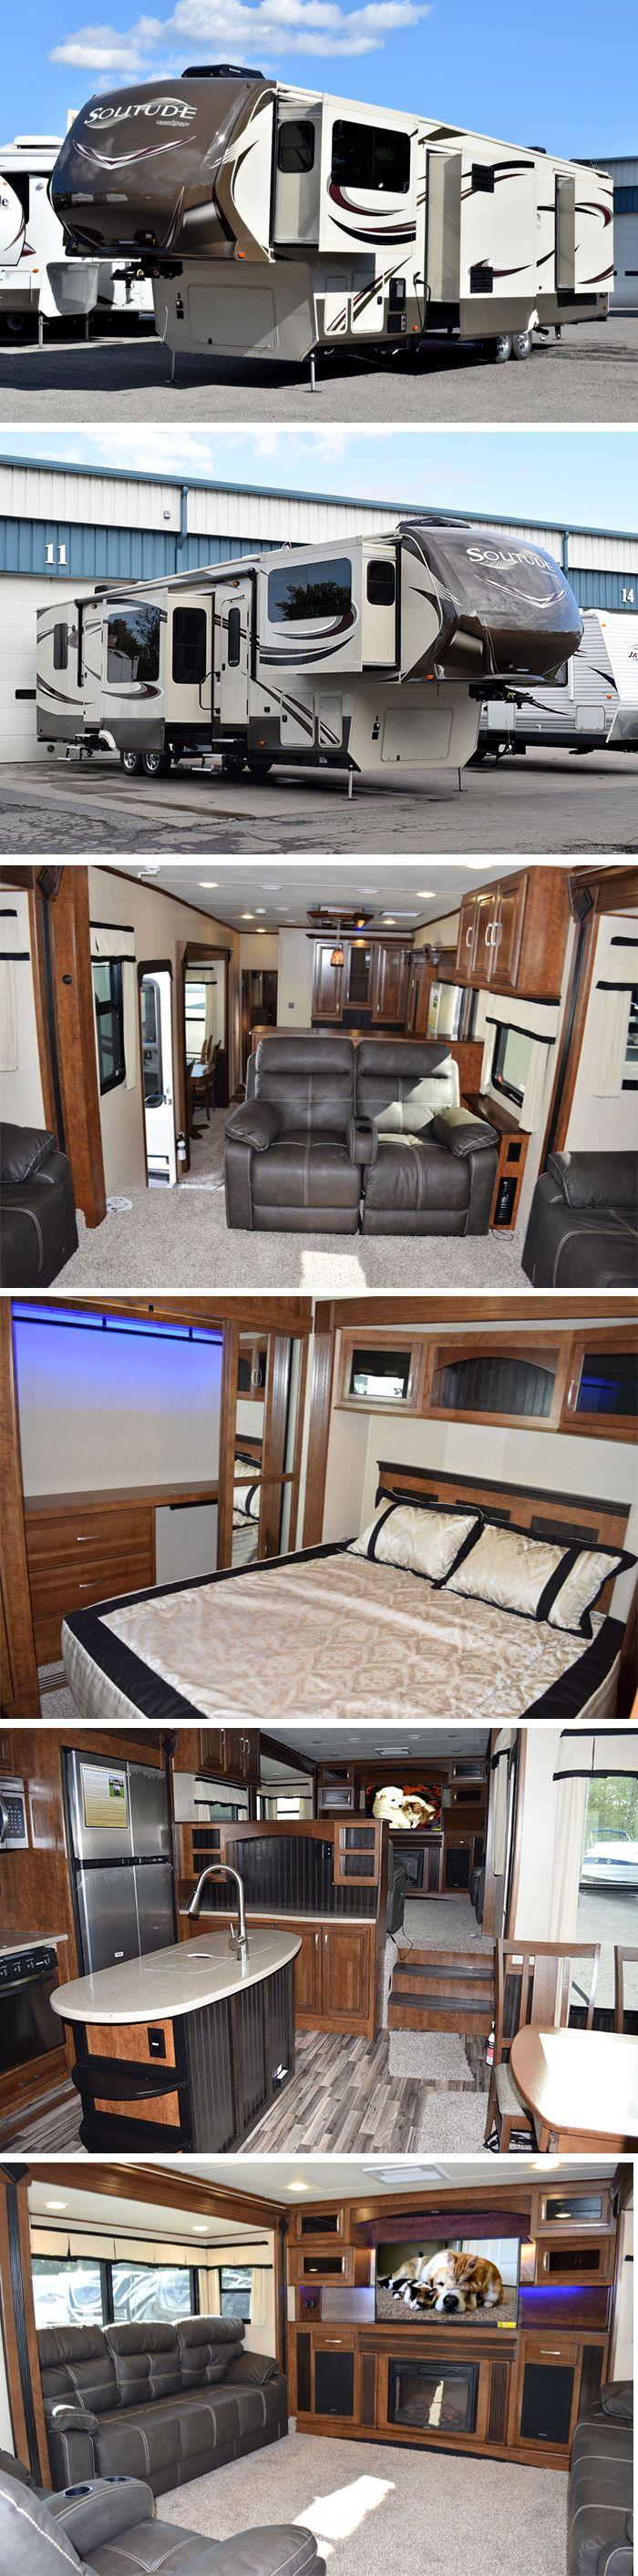 luxury fifth wheel rv 15 best photos be0f1f61265ef099f1f242d79bd60cd1